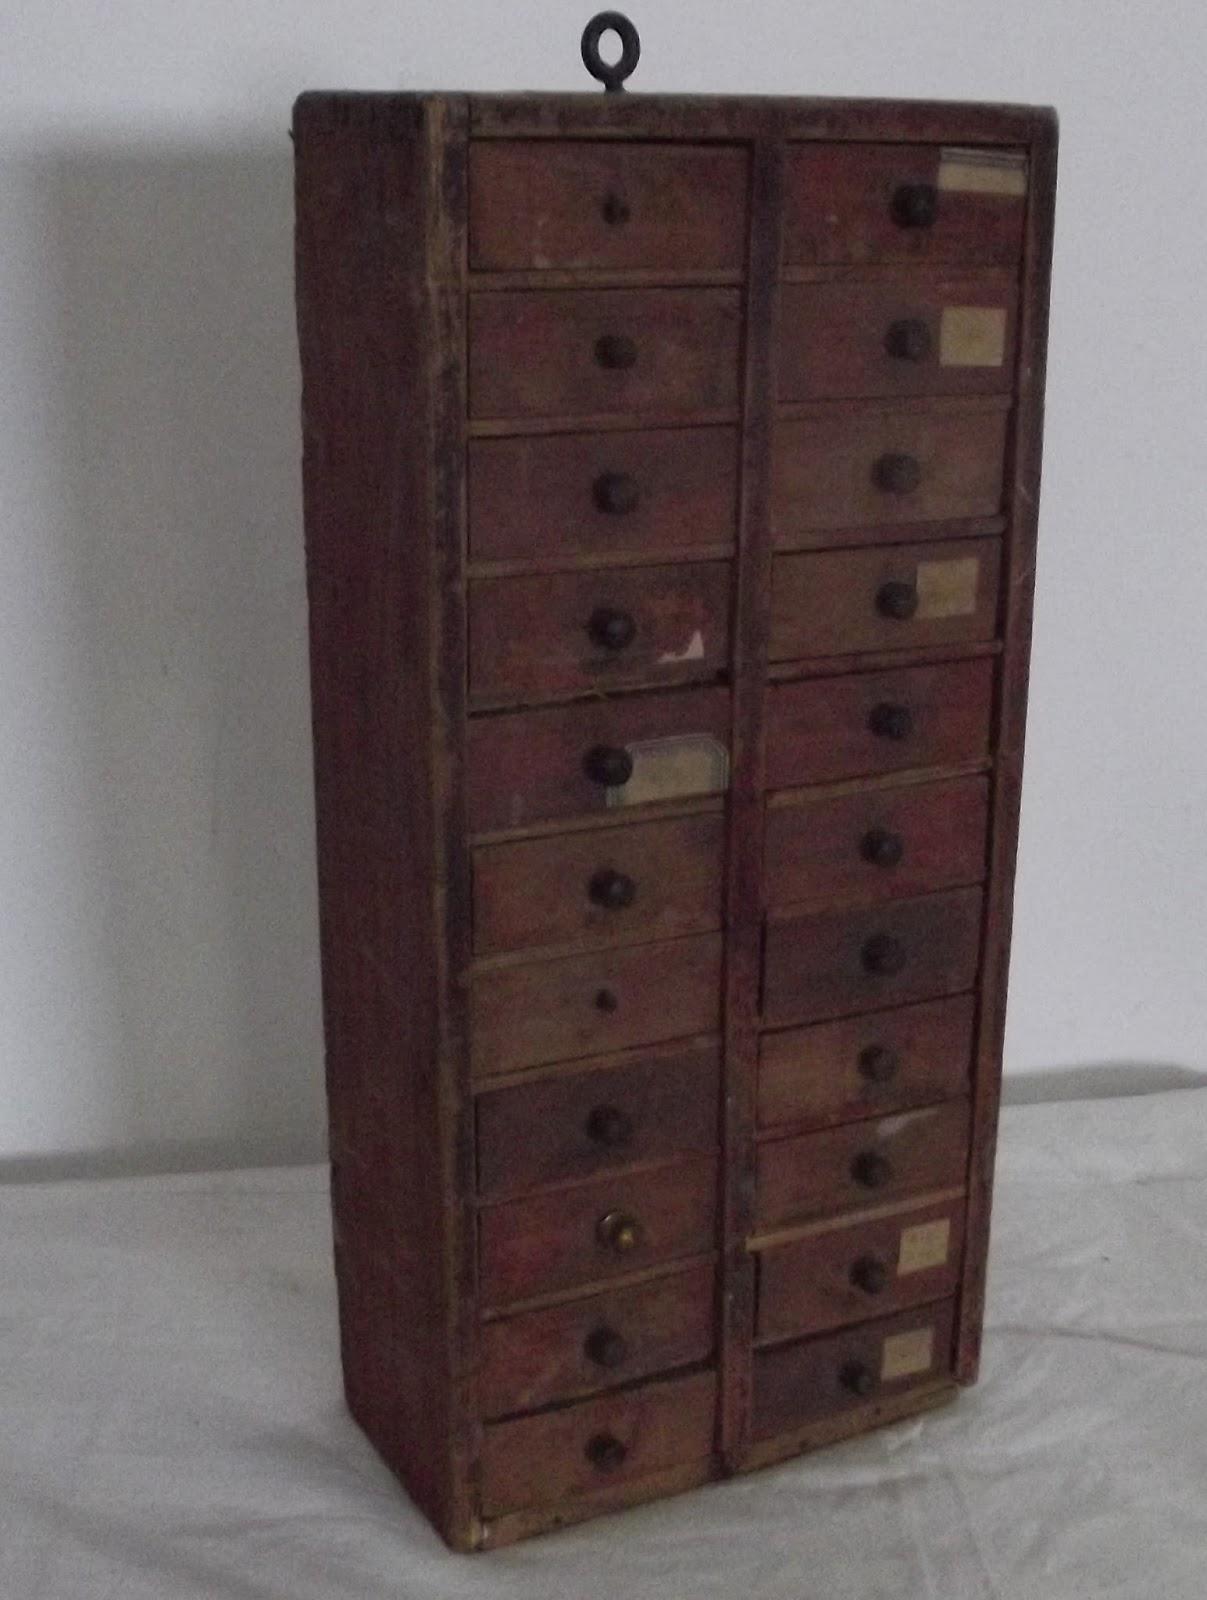 Canastilla relojero mueble arte antiguo 22 cajones madera ...